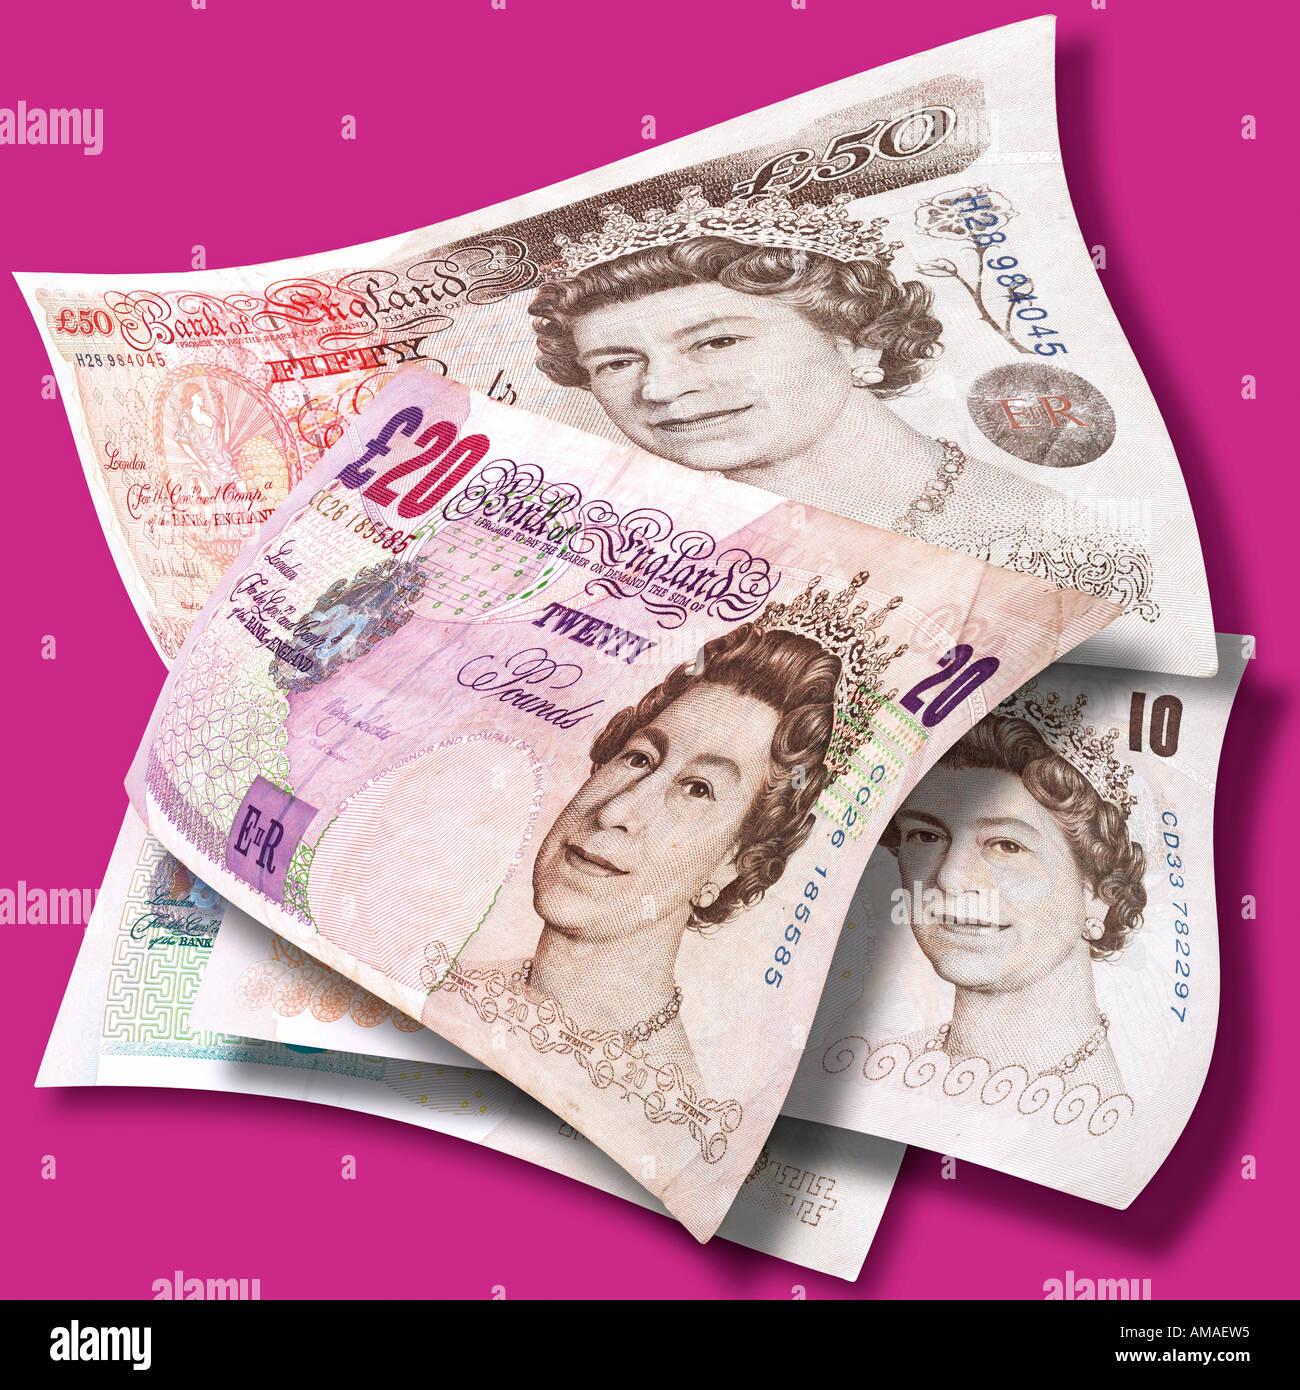 Englische Pfund / English pound note - Stock Image